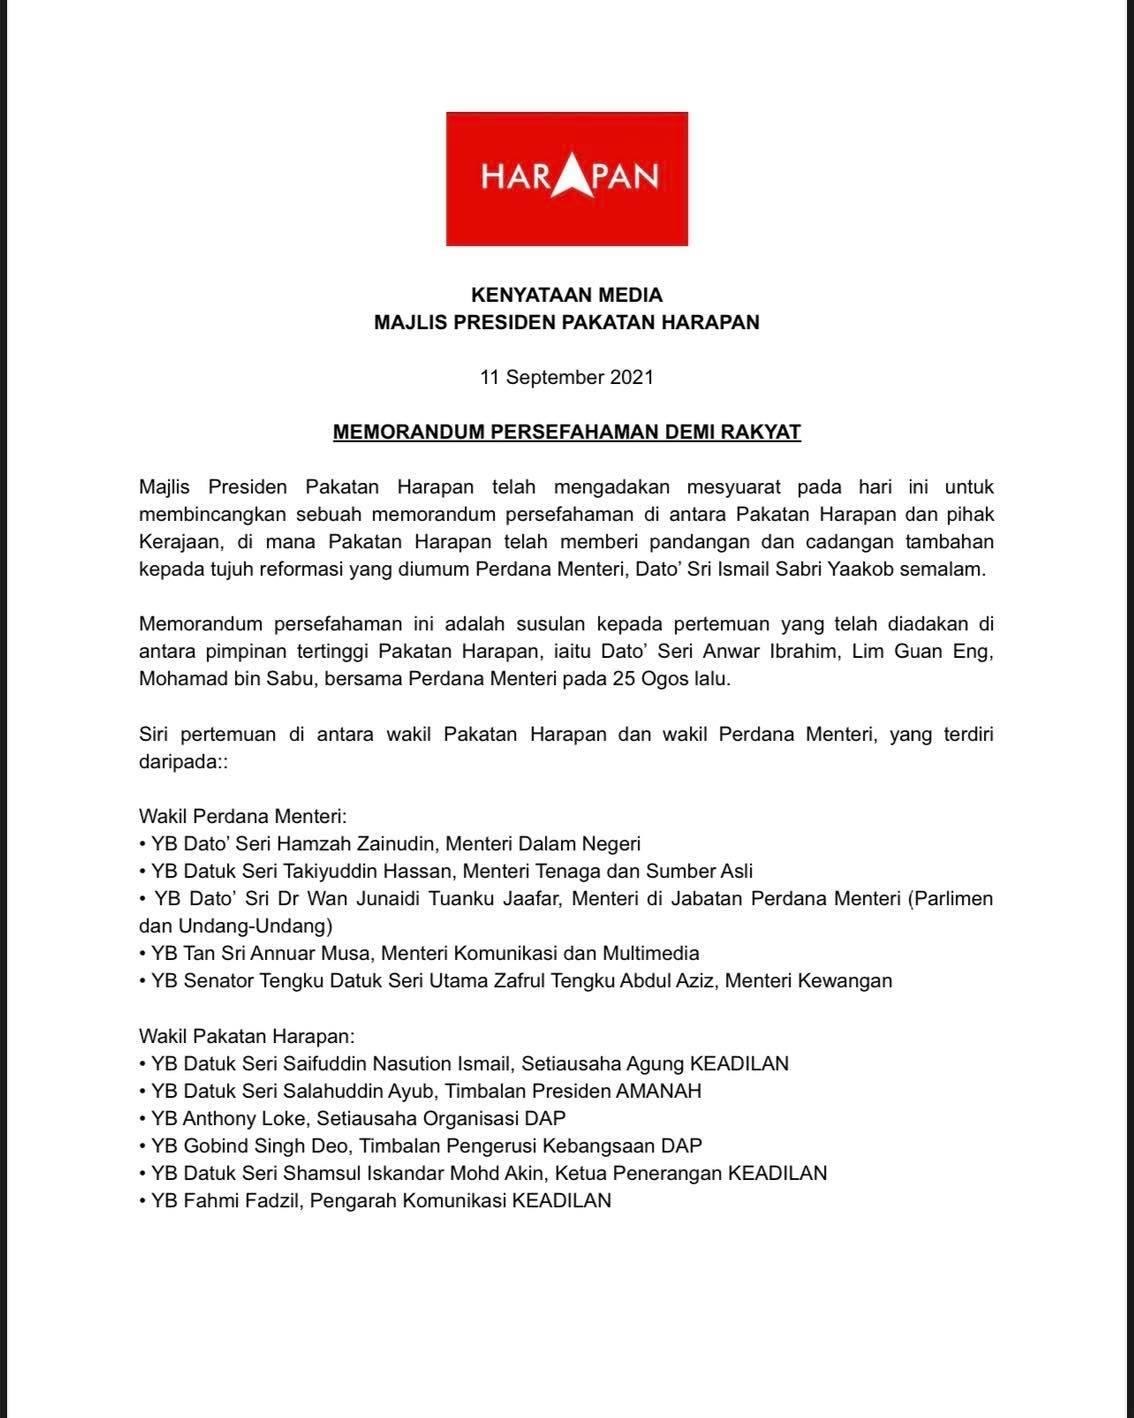 Kenyataan Media PH - 11 September 2021